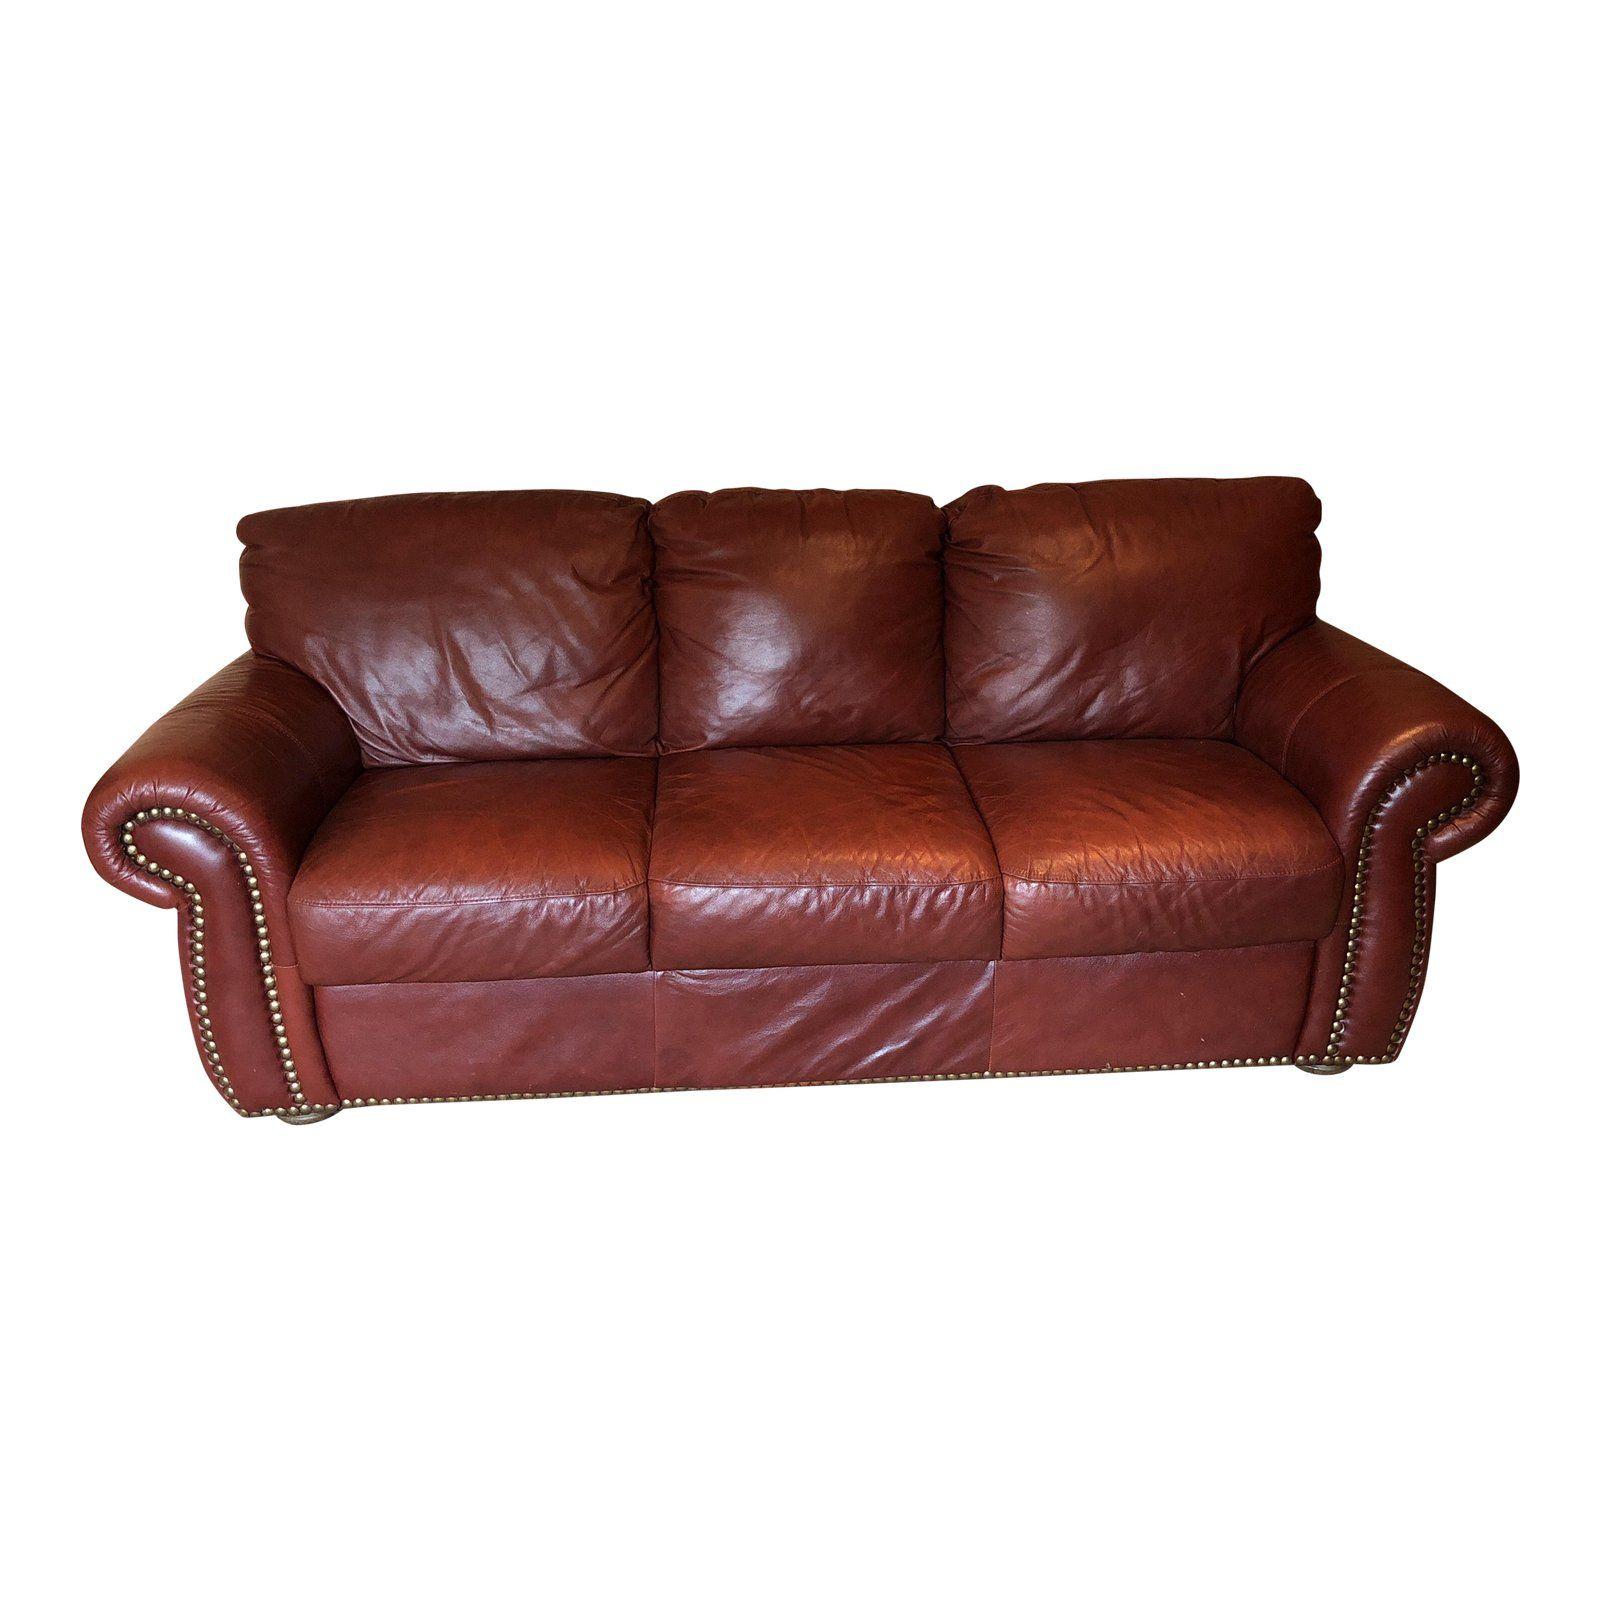 Chateau D Ax Divani Italian Red Leather Sofa Red Leather Sofa